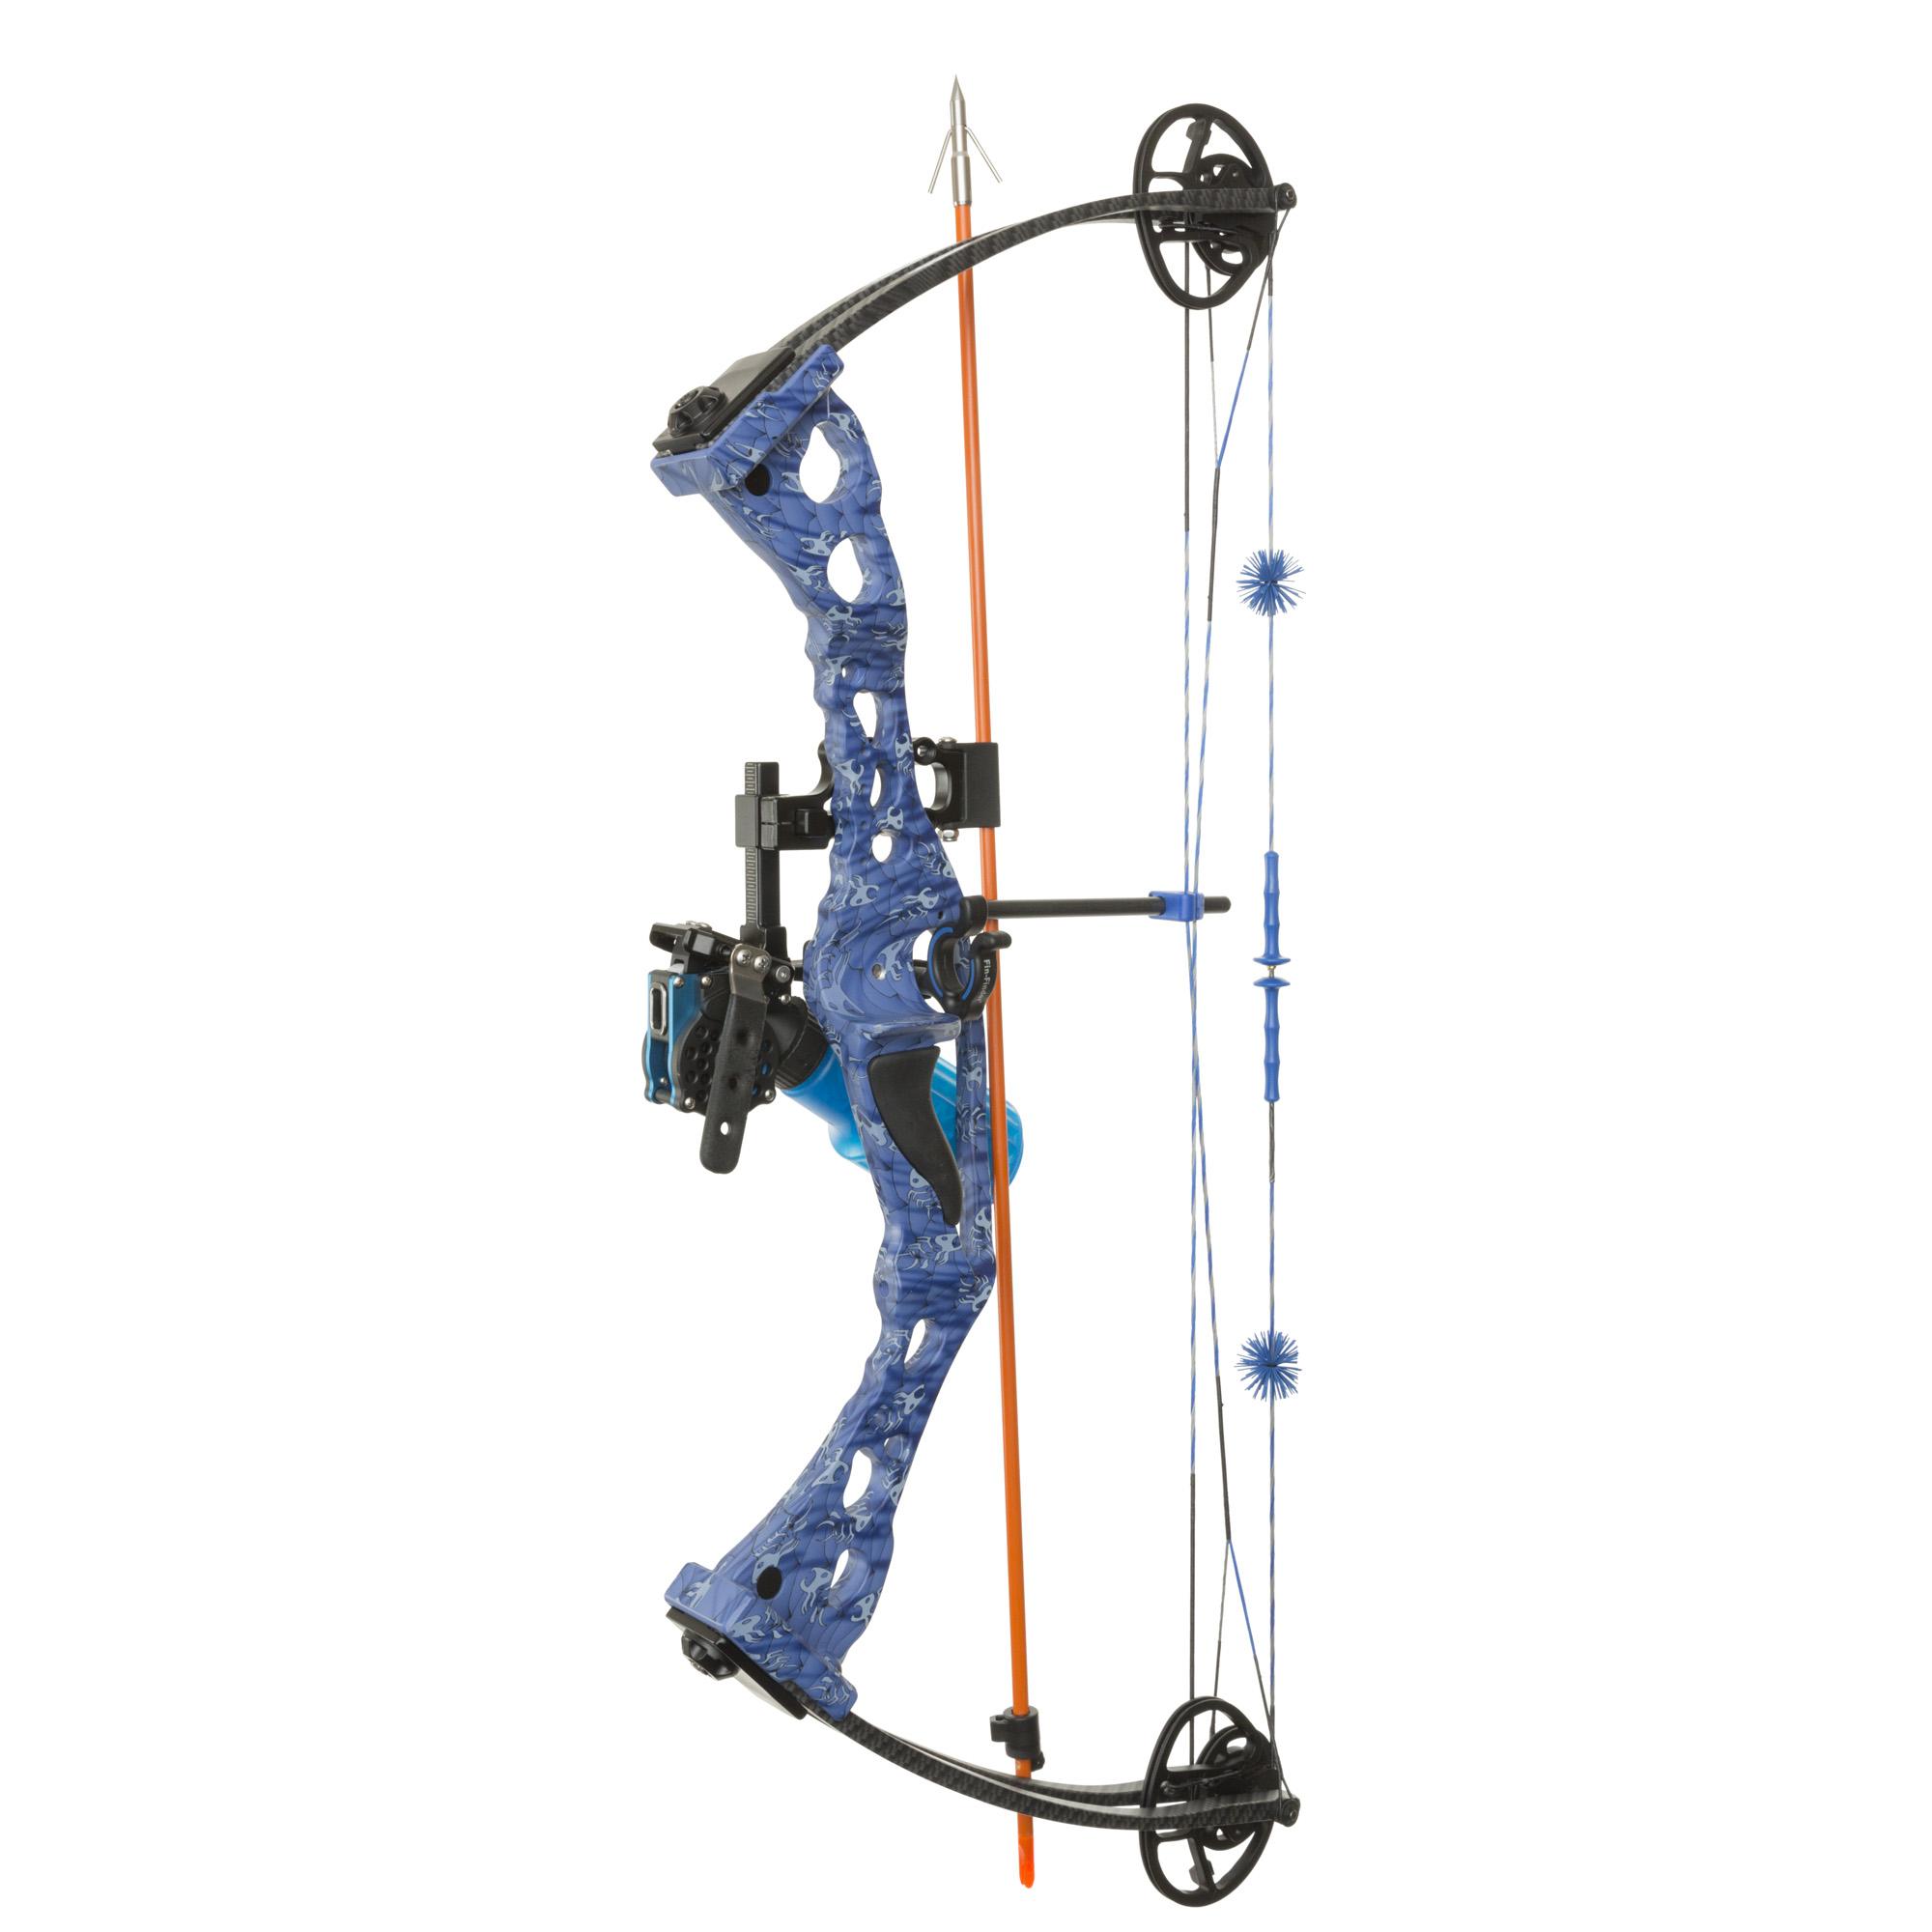 Poseidon Winch ProTM Reel Package